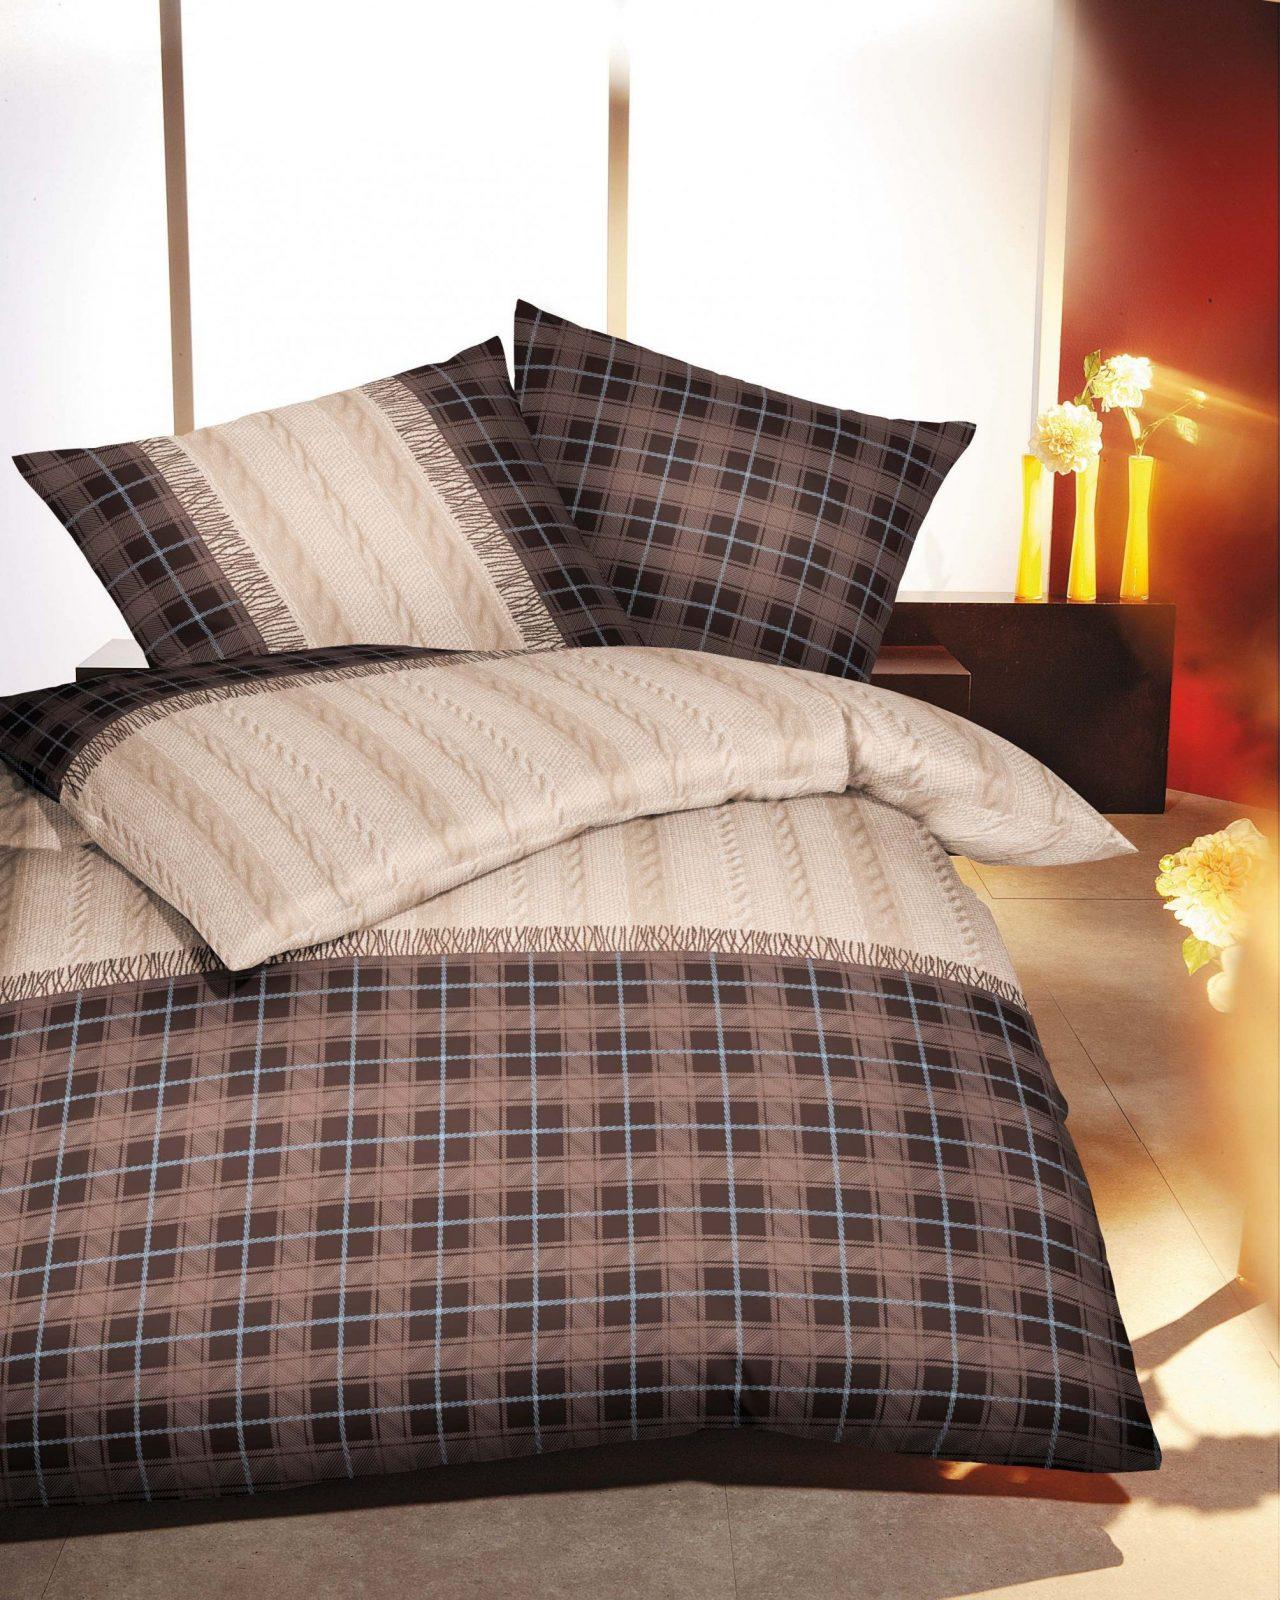 Impressive Bettwäsche Bedrucken Lassen Luxuriös Wo Kann Man Ideen von Bettwäsche Mit Eigenem Foto Bild